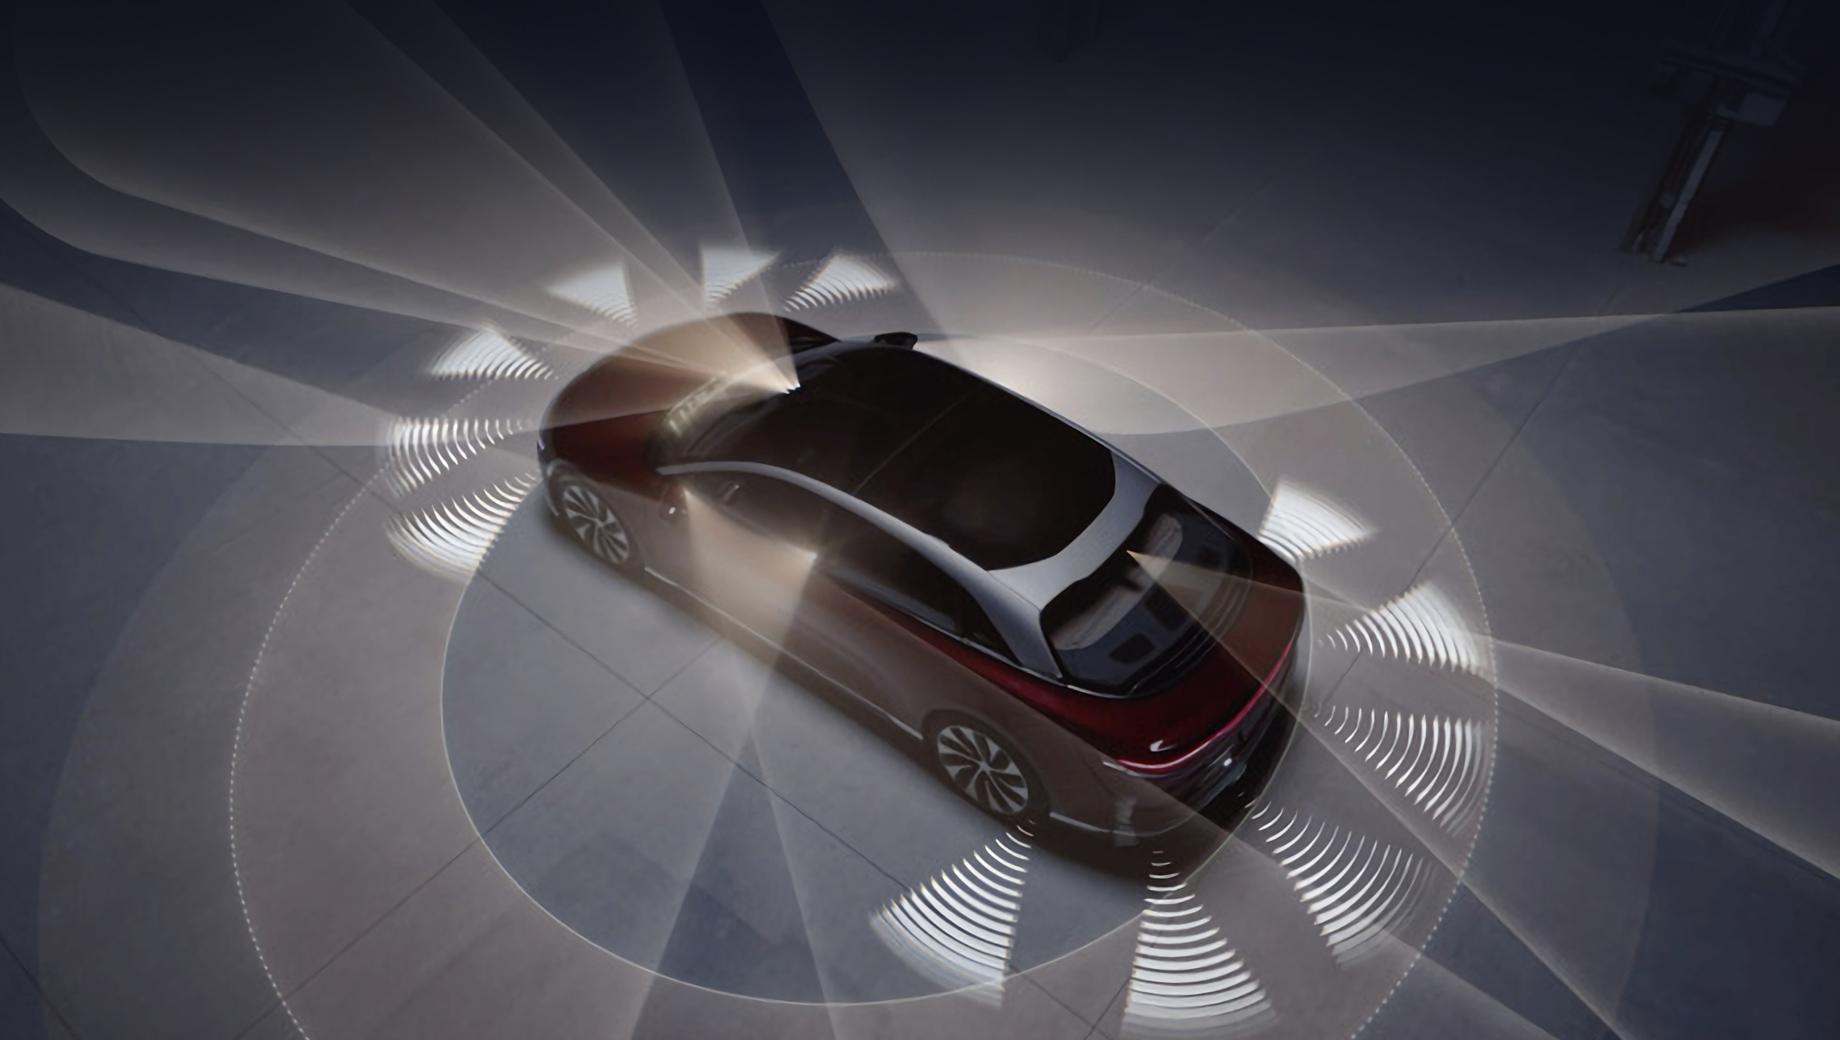 Фирма Lucid, готовящая к премьере «батарейный» седан Air, поделилась роликом о своей системе DreamDrive. Функция автономного управления должна стать соперником Tesla Full-Self-Driving и будет доступна с самого начала продаж.